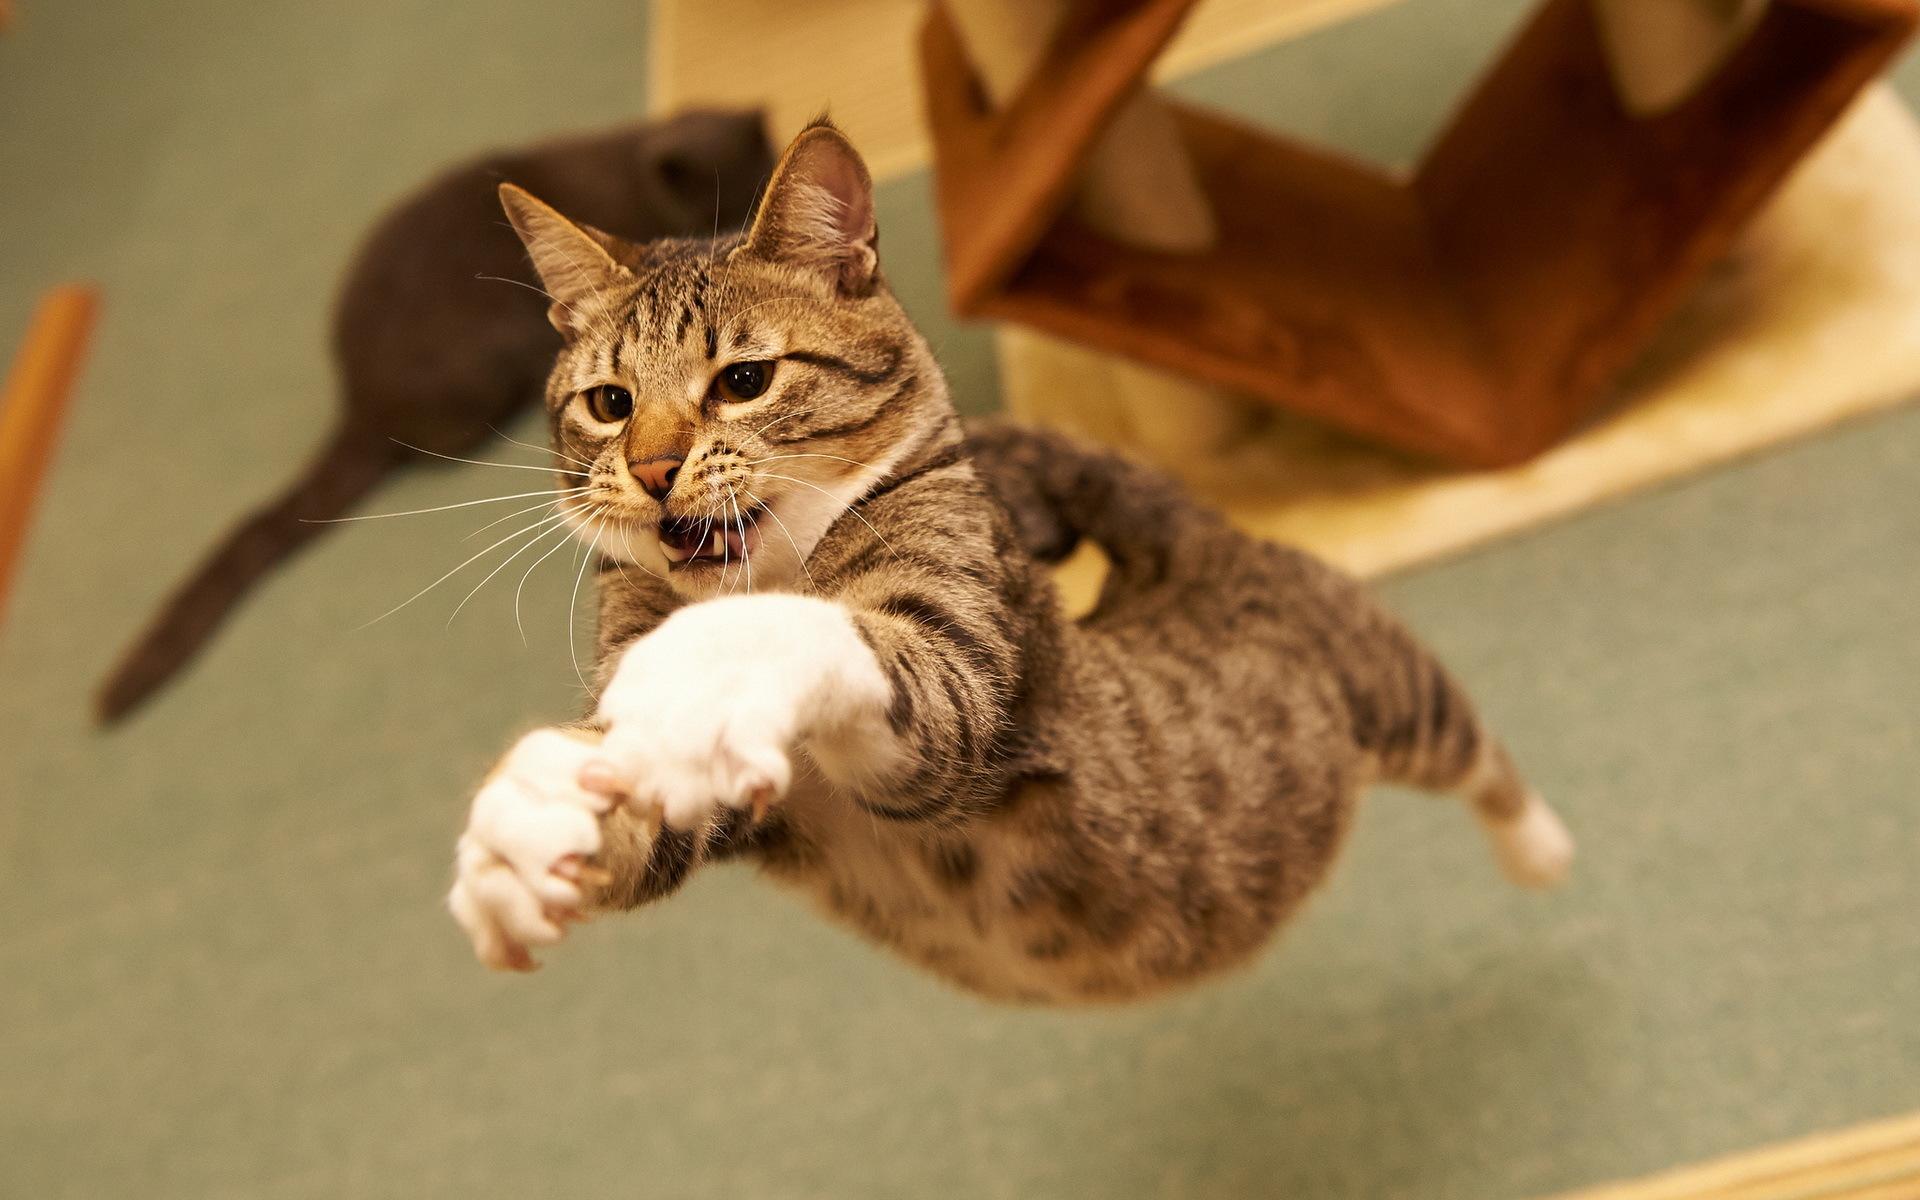 Спортсмену пожелания, картинки самые смешные кошки в мире